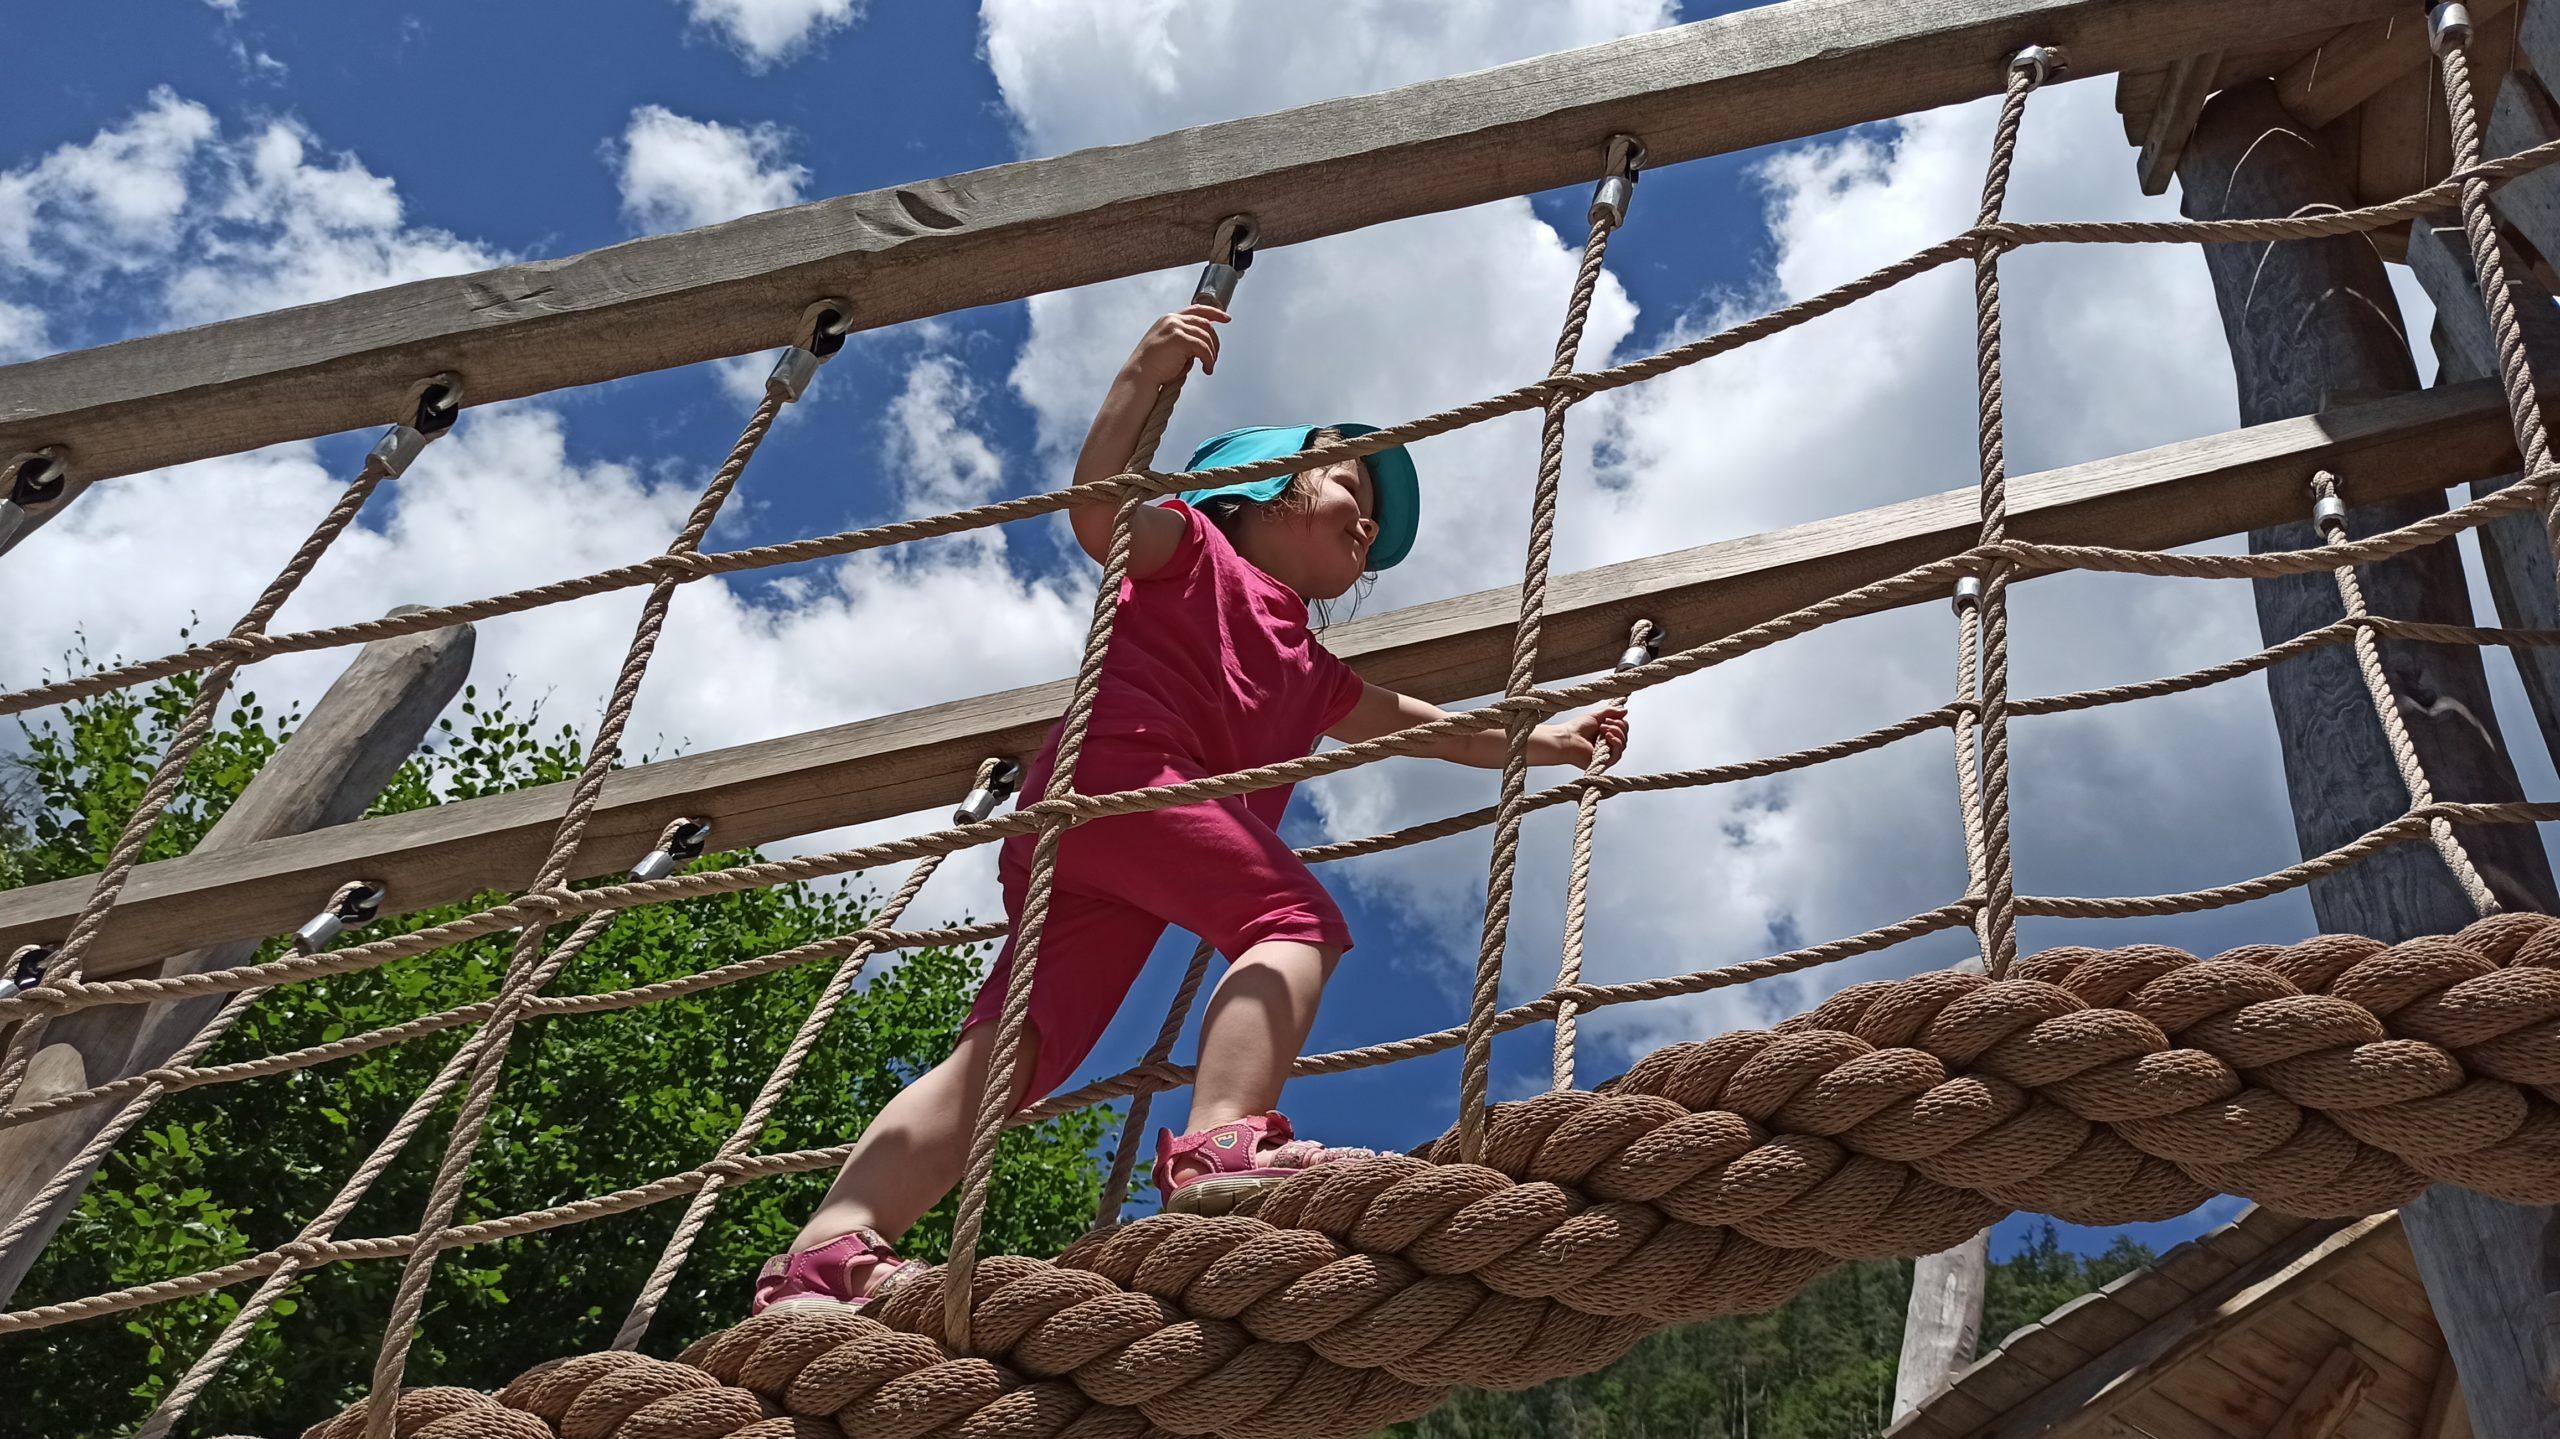 Von der Seilbrücke zur Rutsche: Die Großen entspannen, die Kleinen toben sich aus am Spielplatz beim Gasthof Vorderkaser